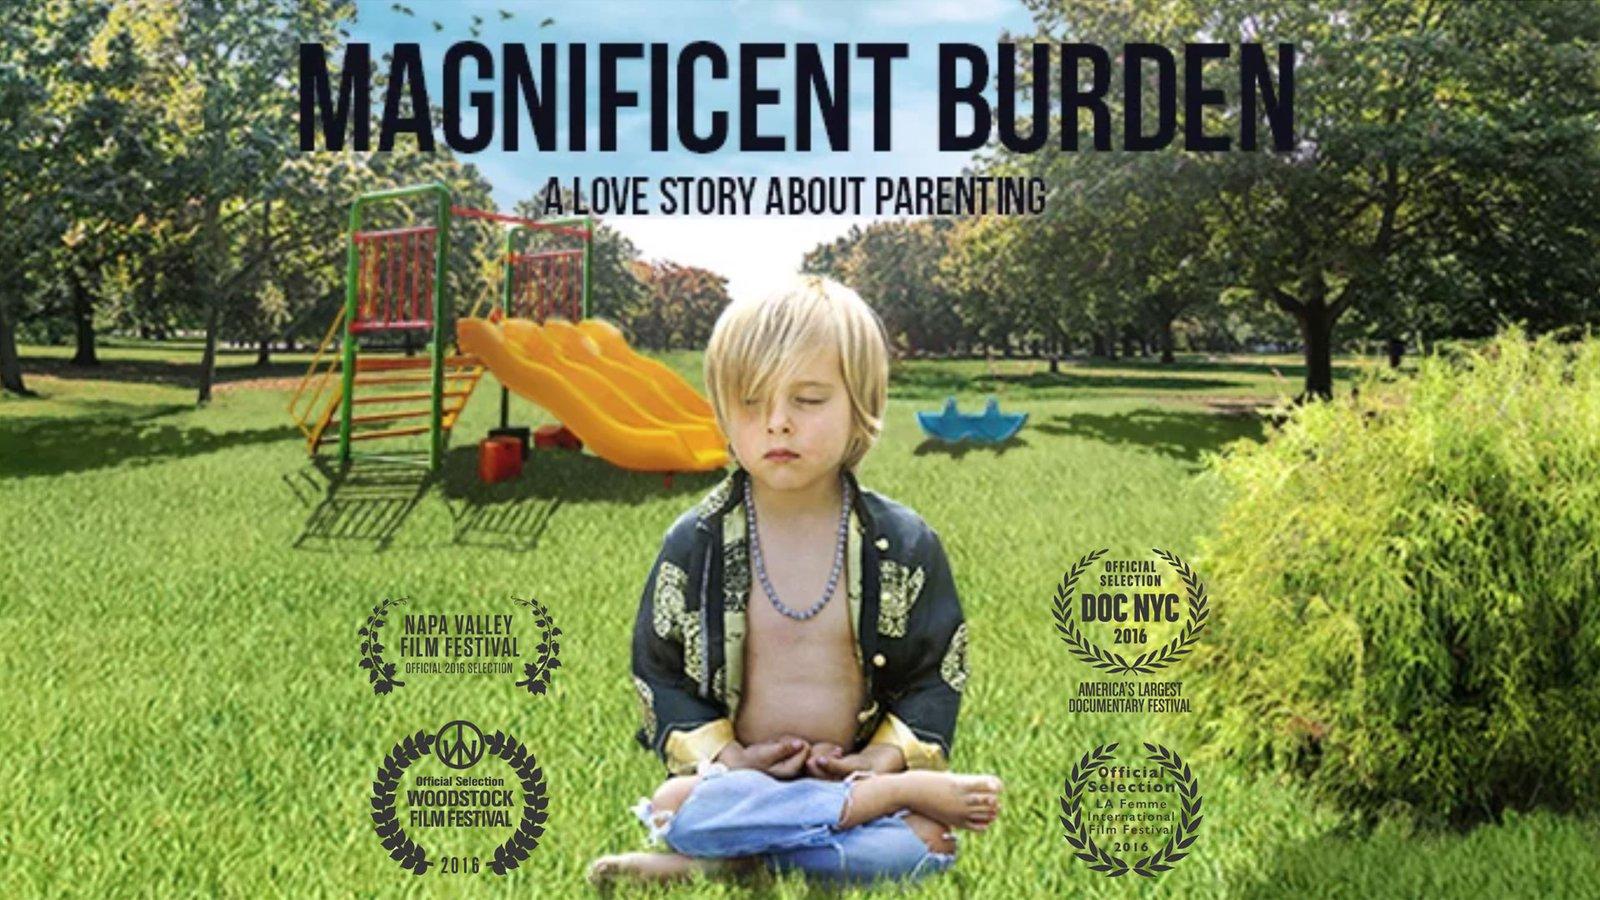 Magnificent Burden - A Former Socialite Becomes a Spokesperson for a Rare Disorder